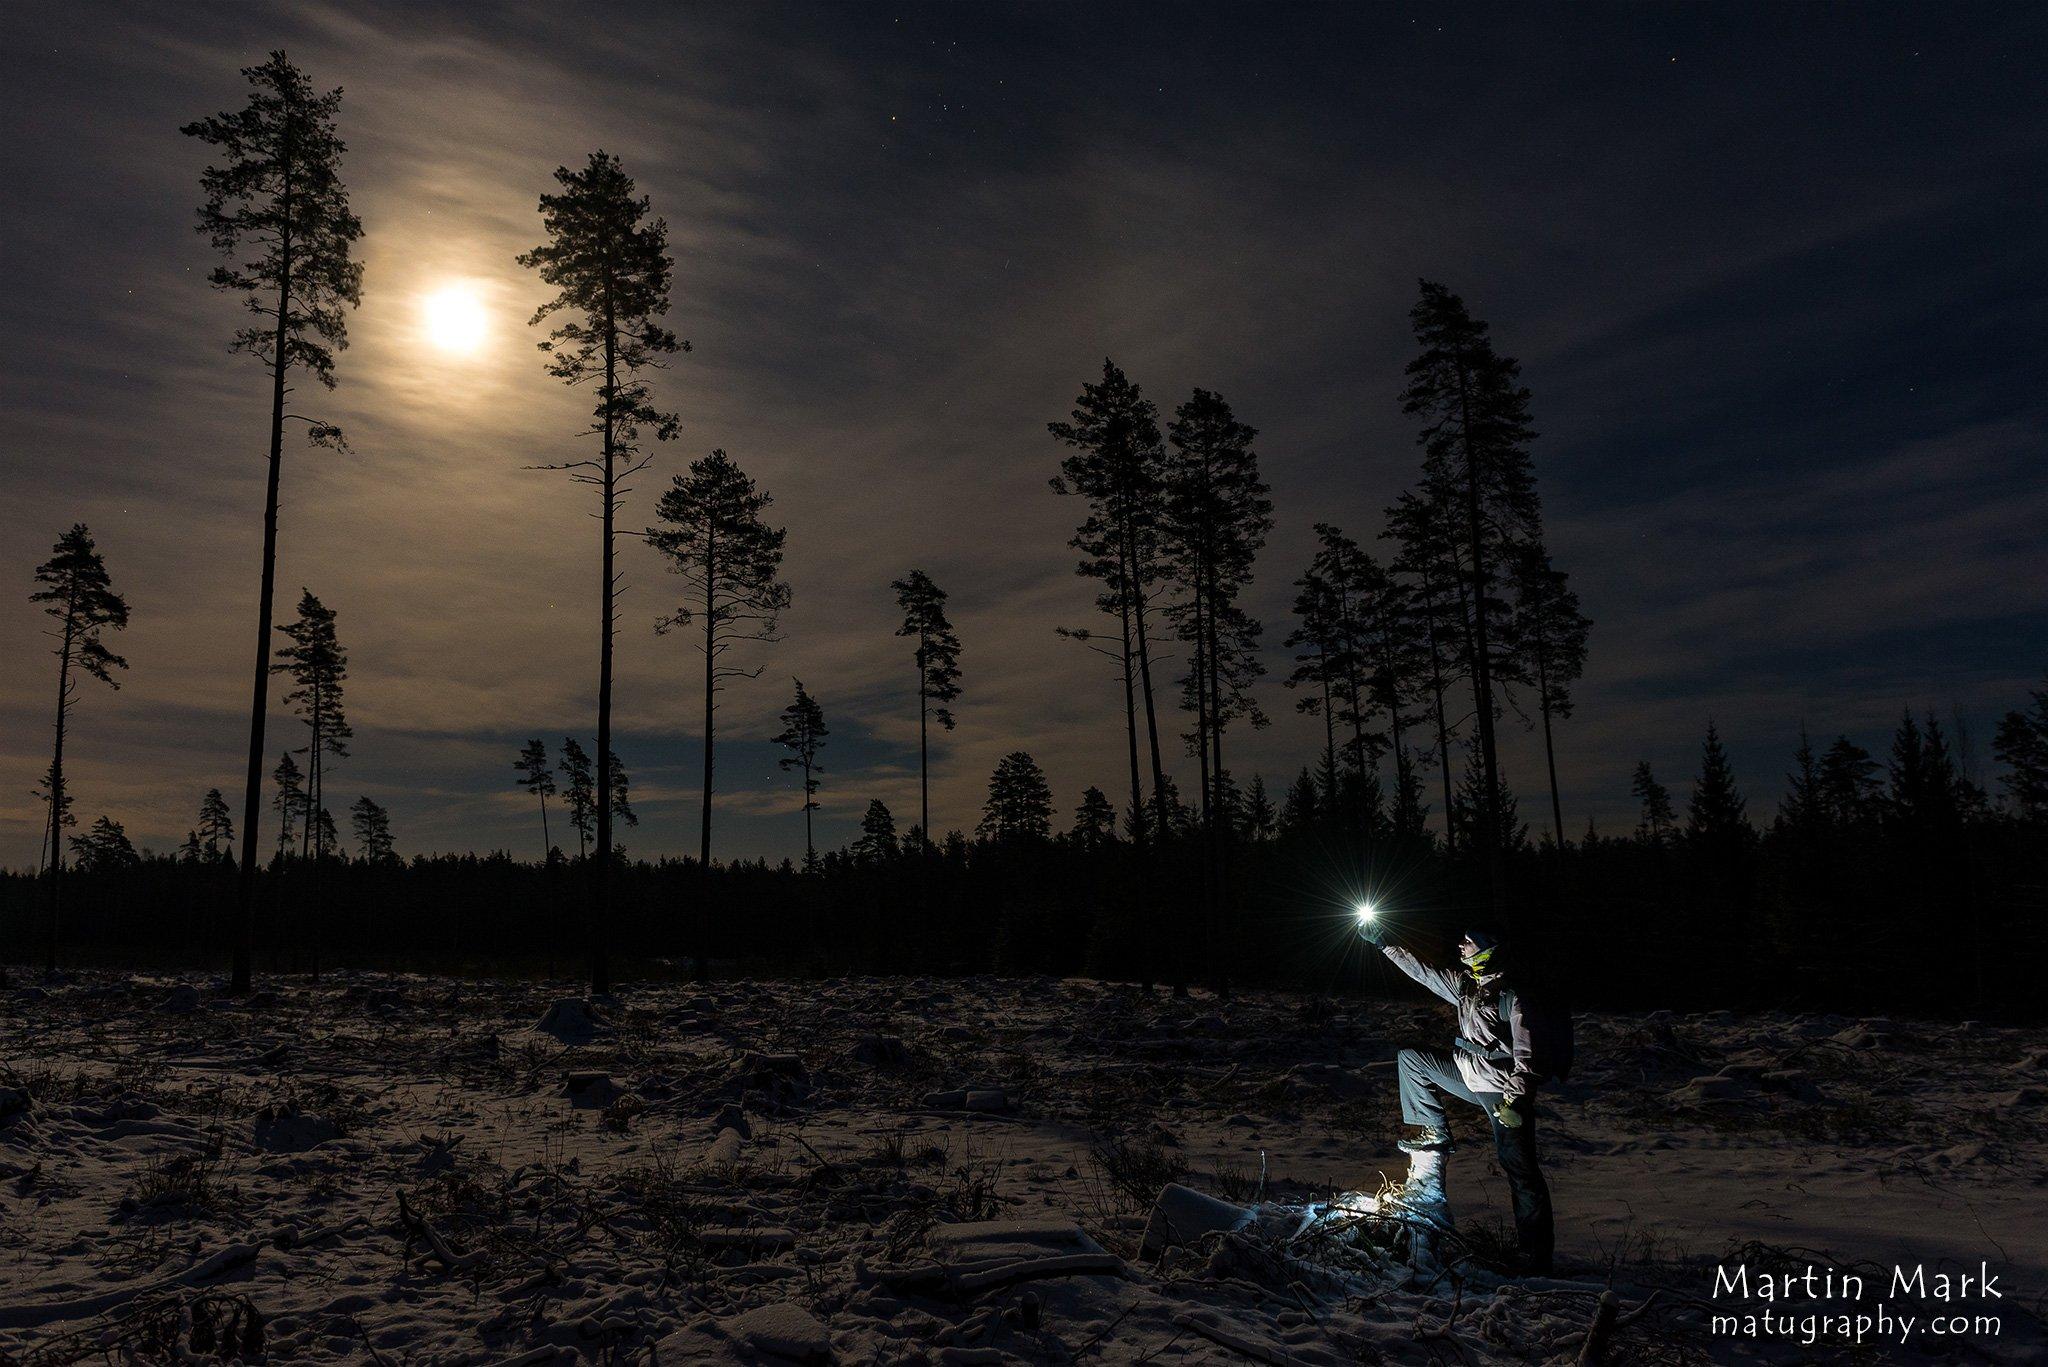 Kuud püüdmas - Matugraphy ööfotograafia